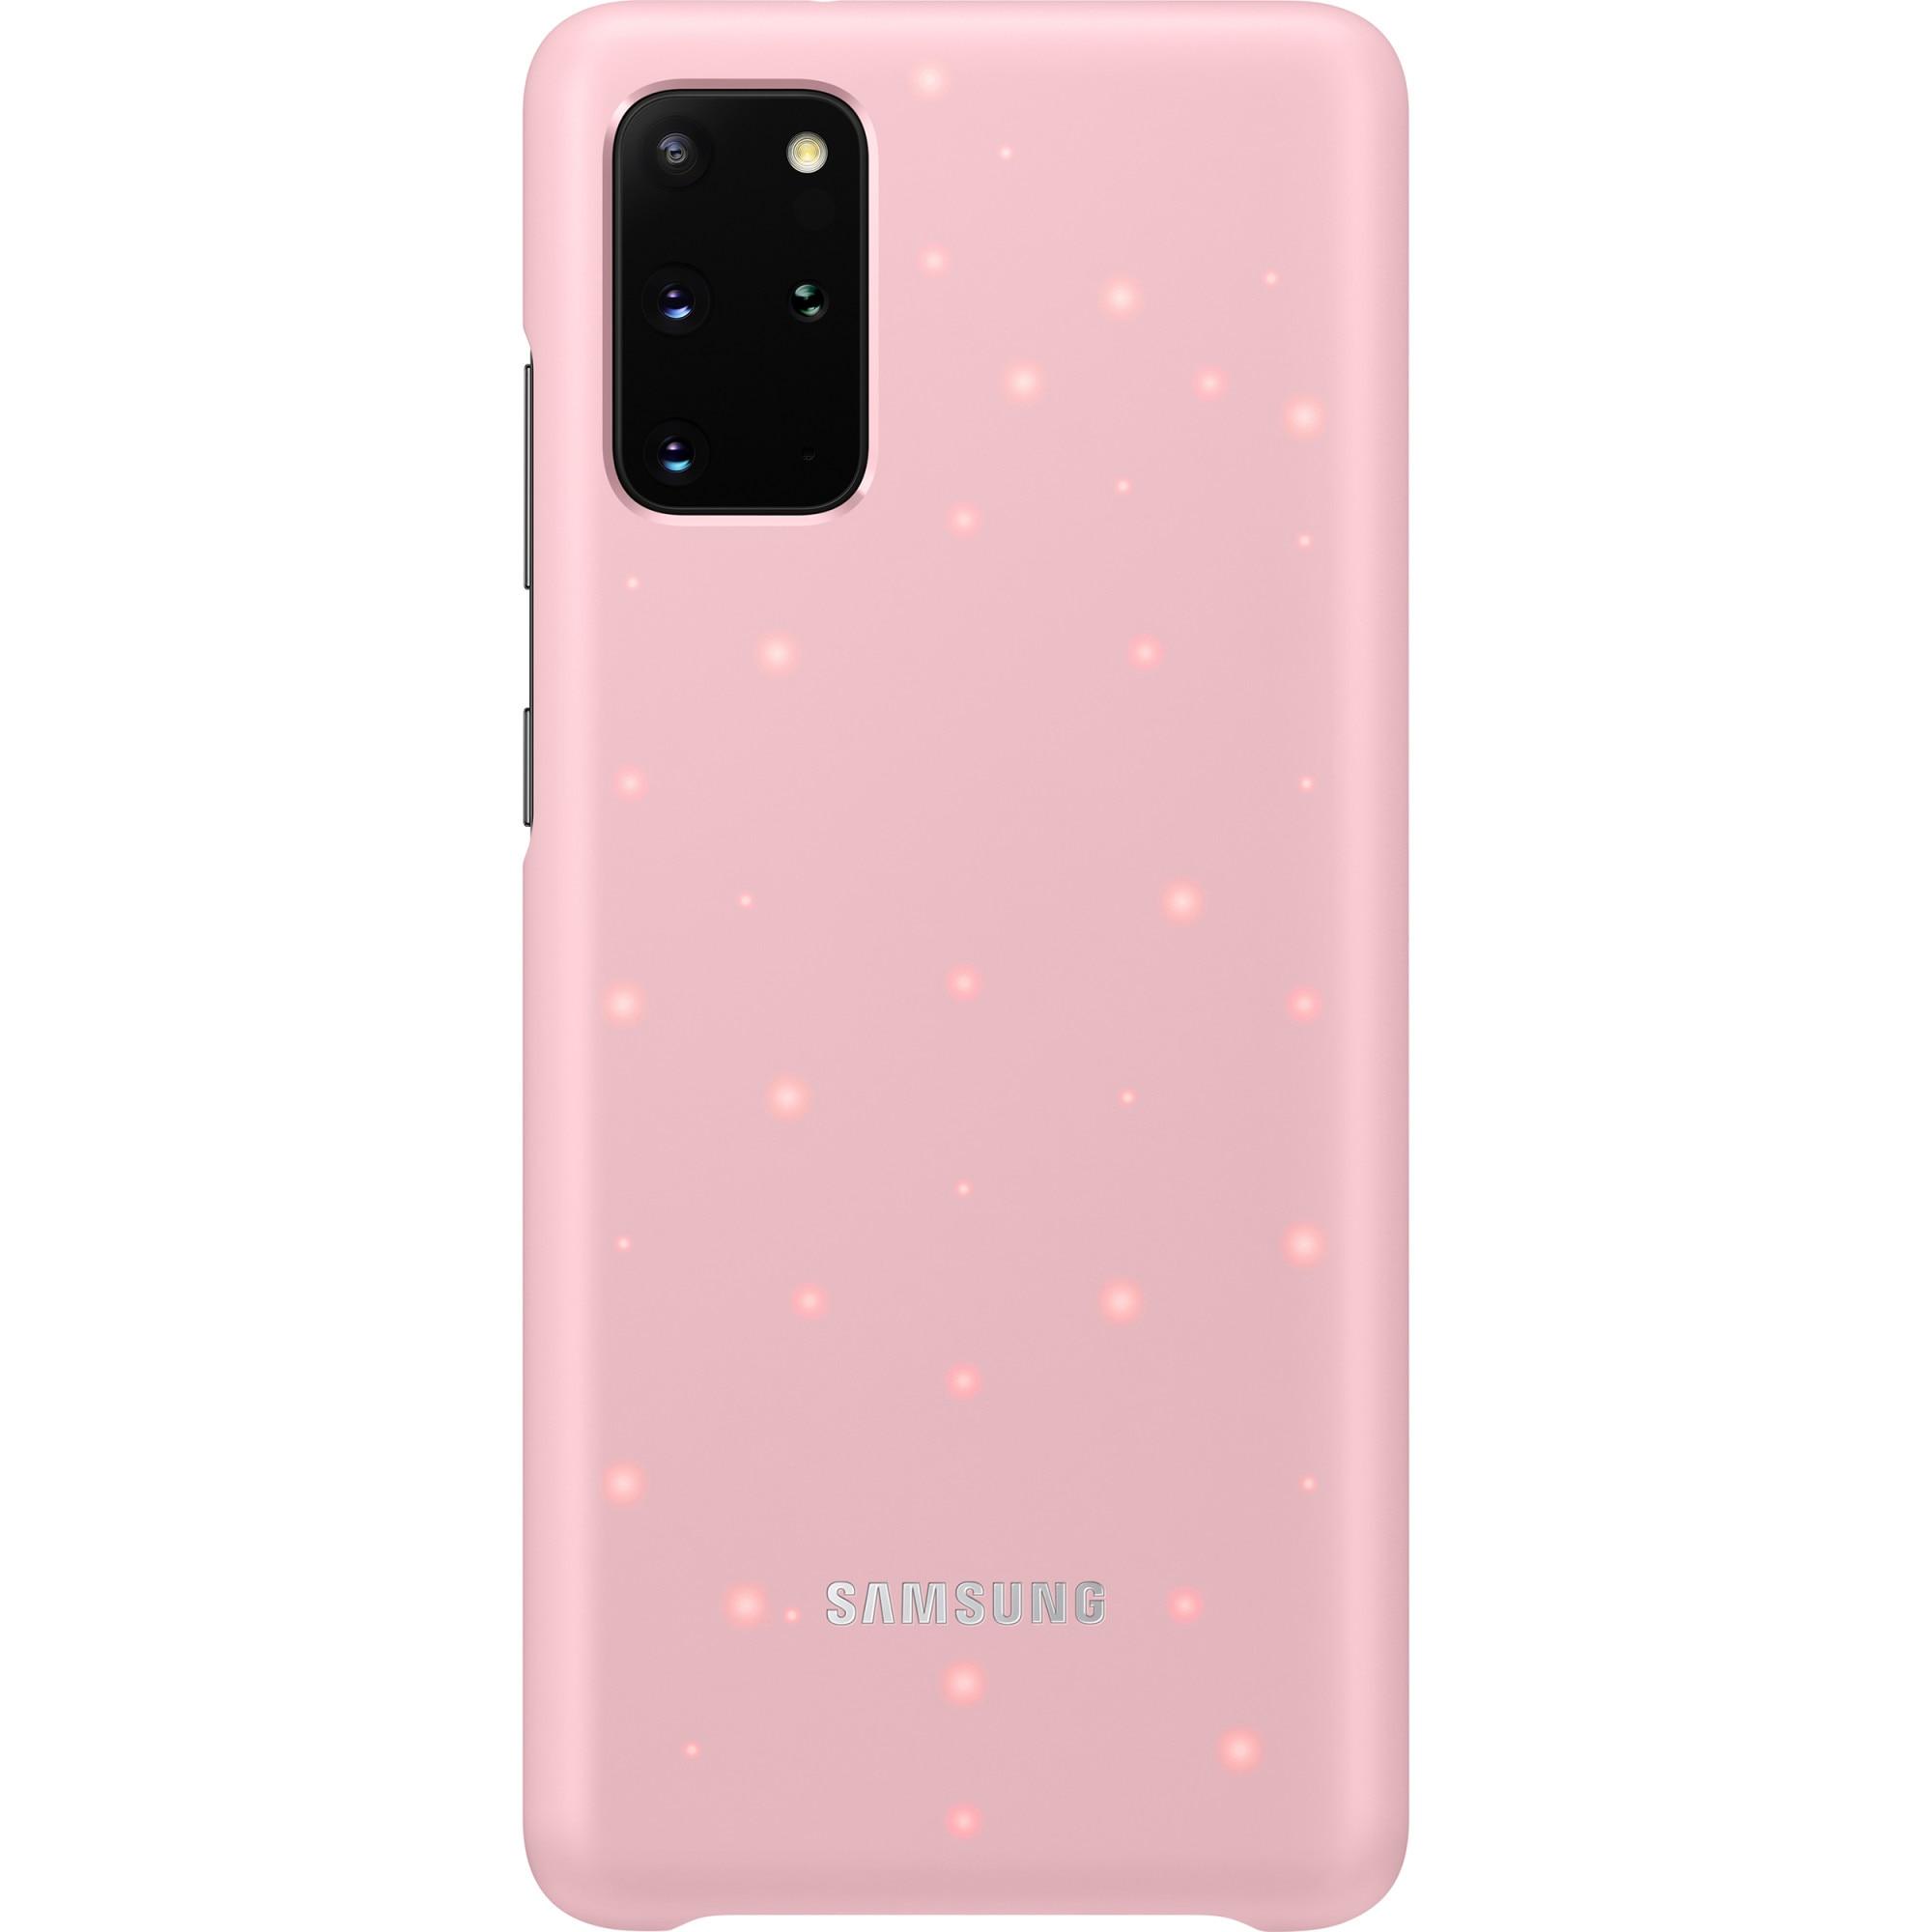 Fotografie Husa de protectie Samsung LED Cover pentru Galaxy S20 Plus, Pink